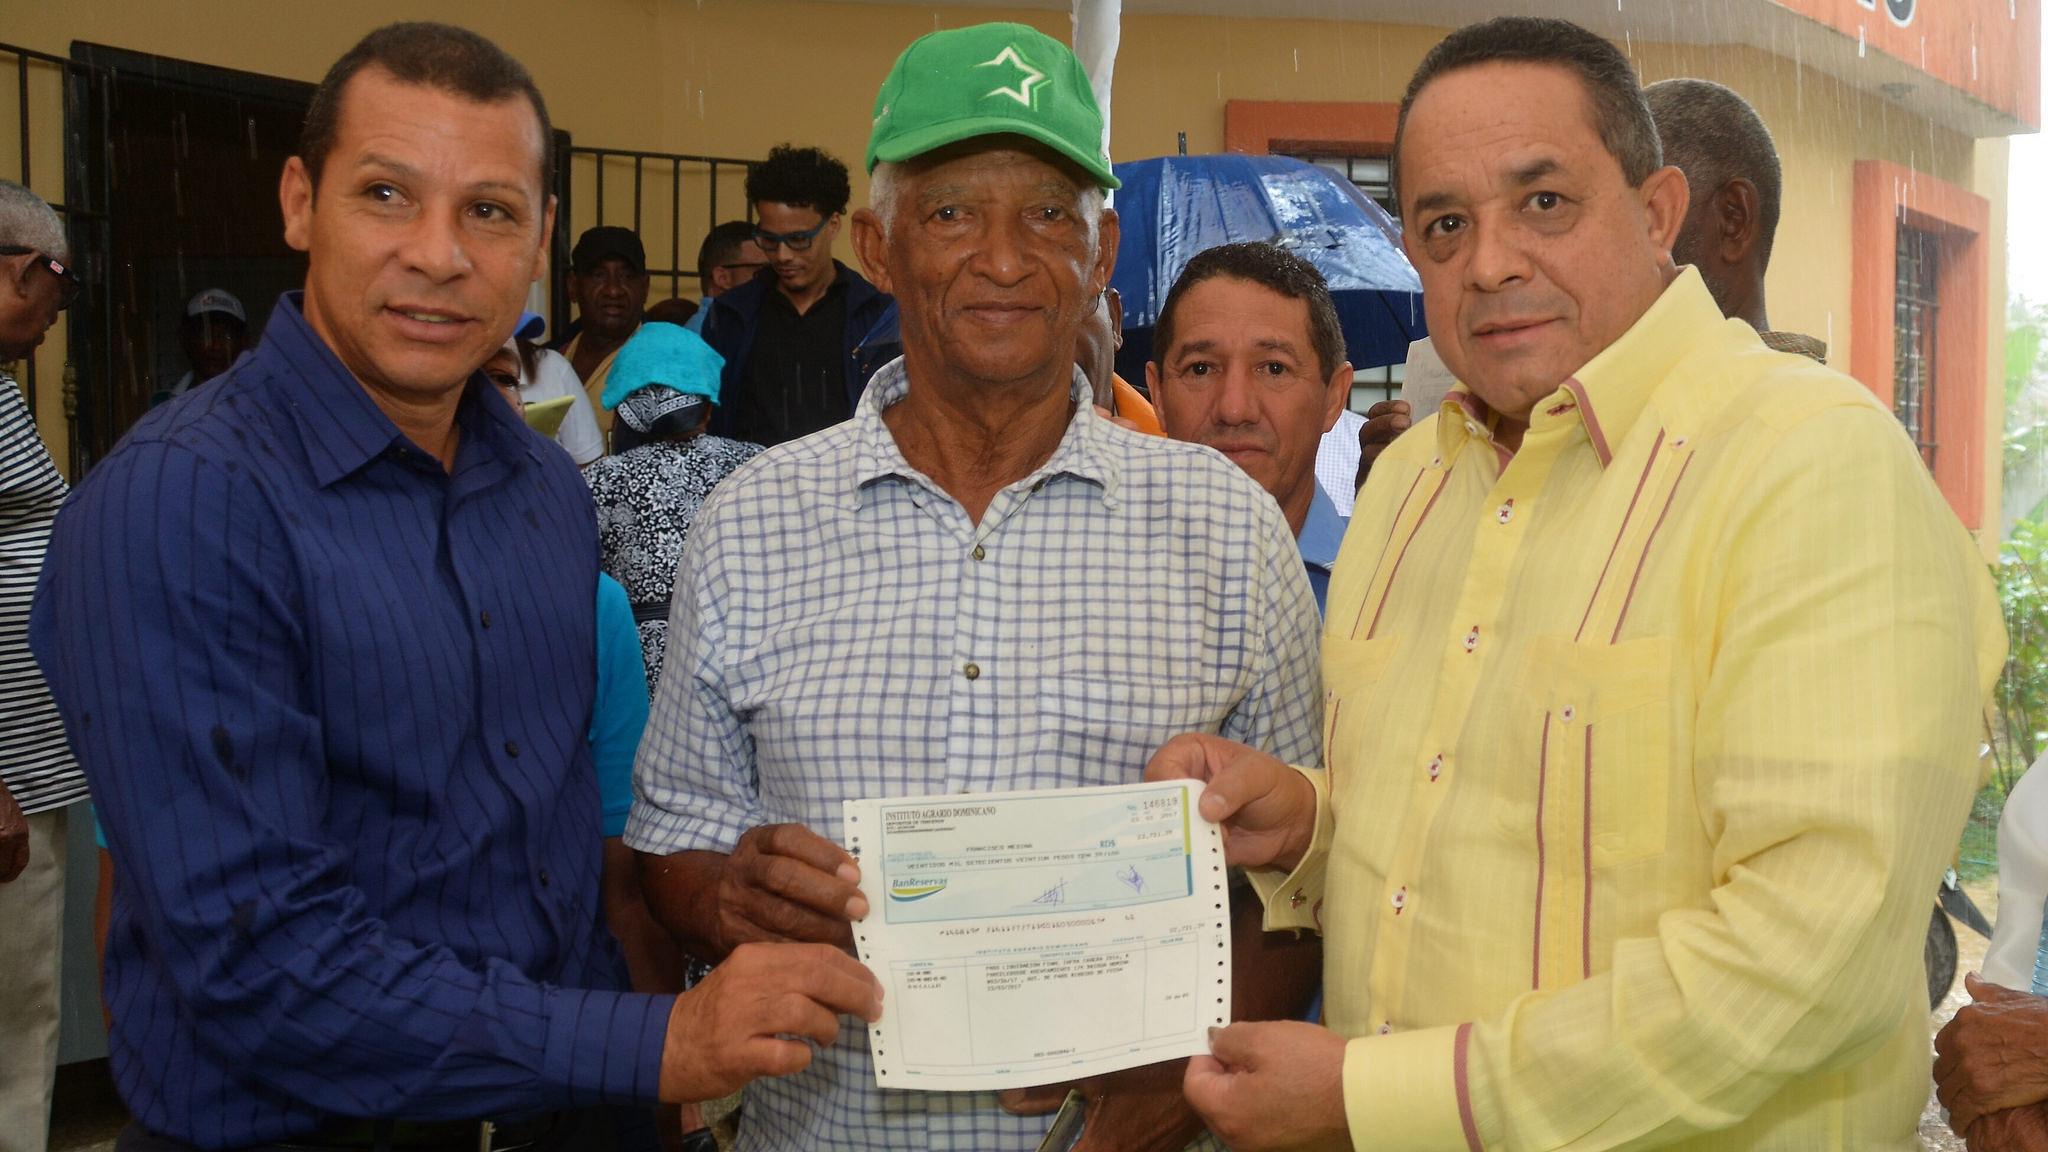 Lico, reconocido agricultor y deportista recibe un cheque.